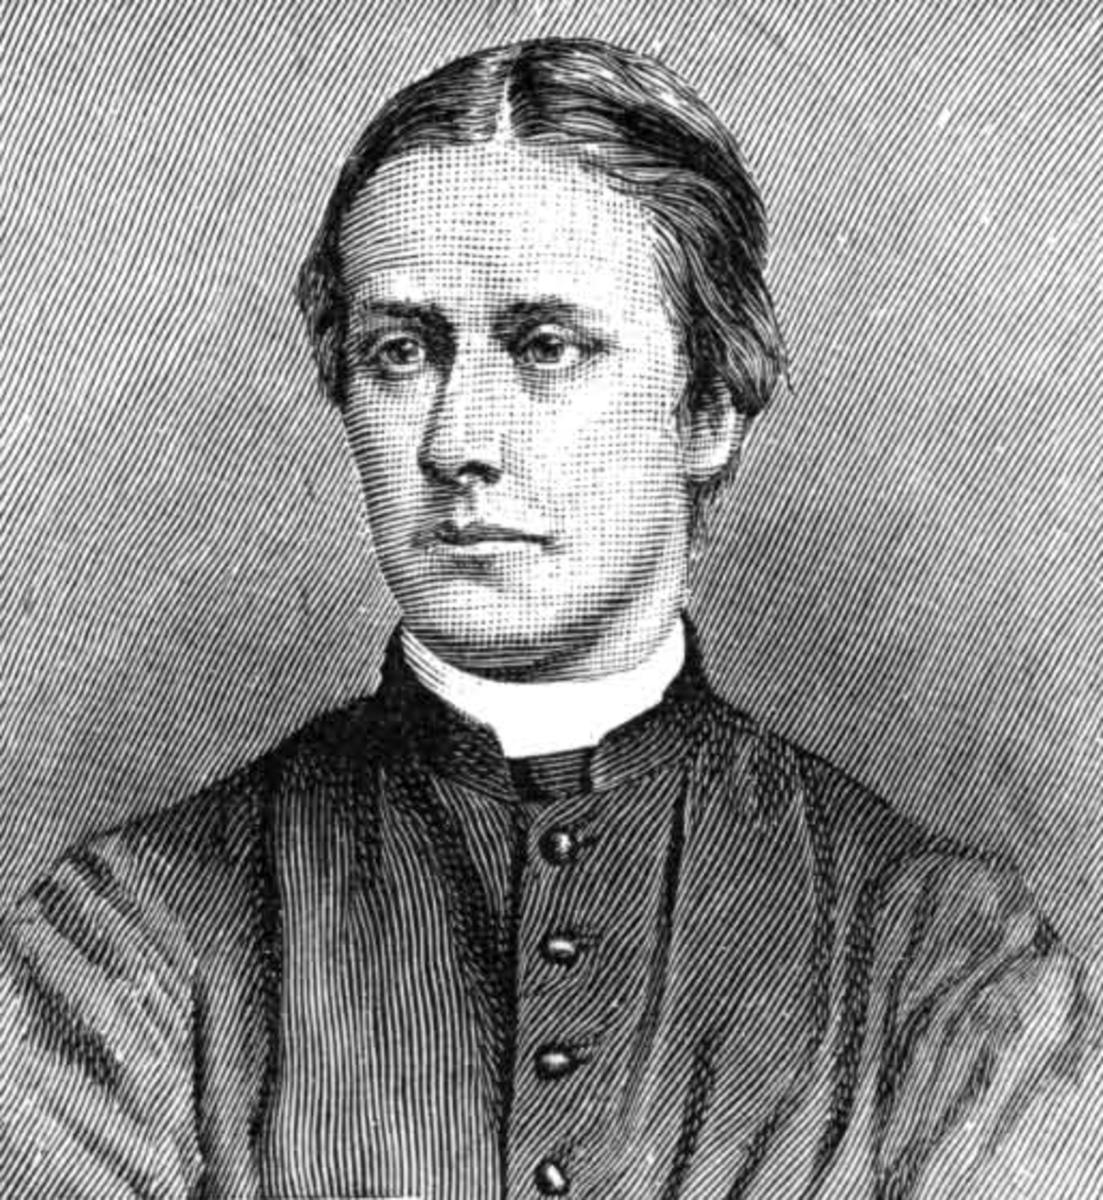 Reverend Sabine Baring-Gould.